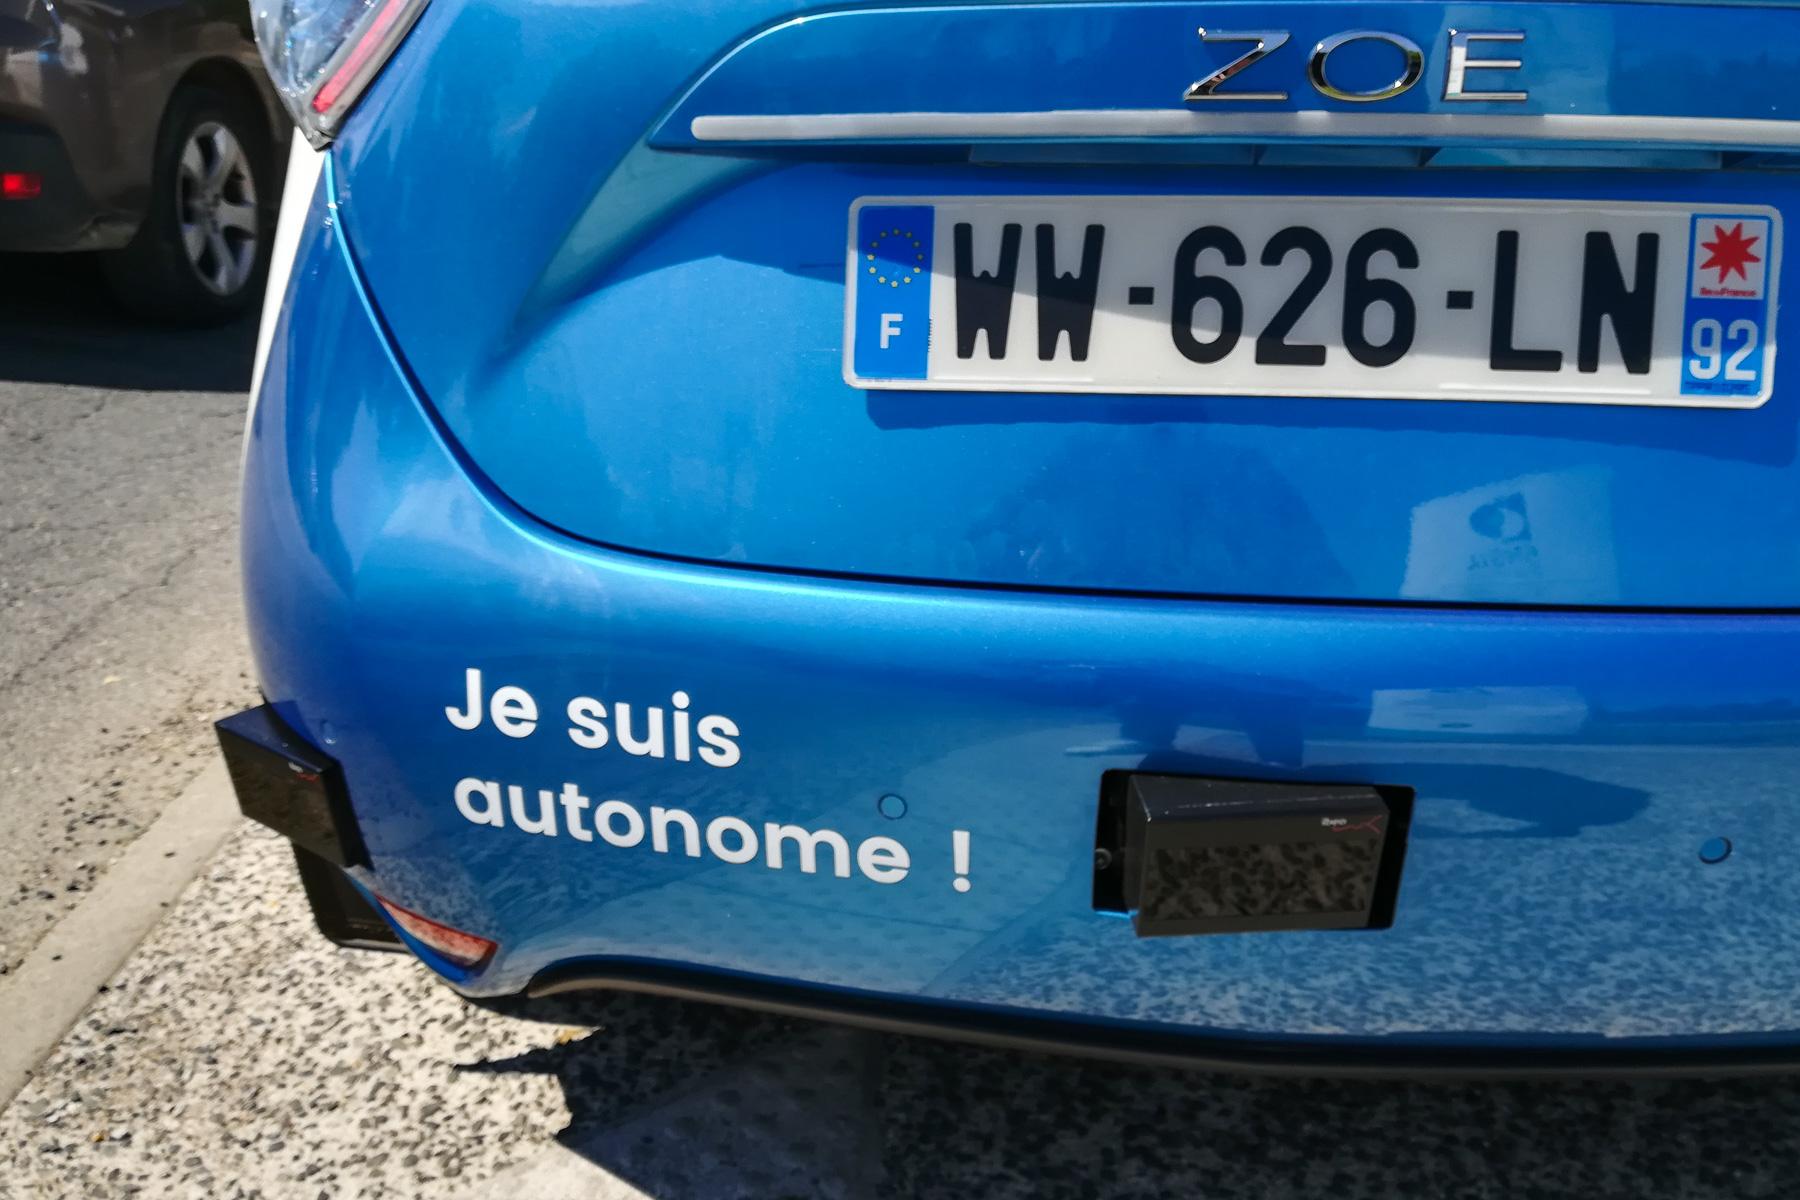 Renault samochody autonomiczne testy